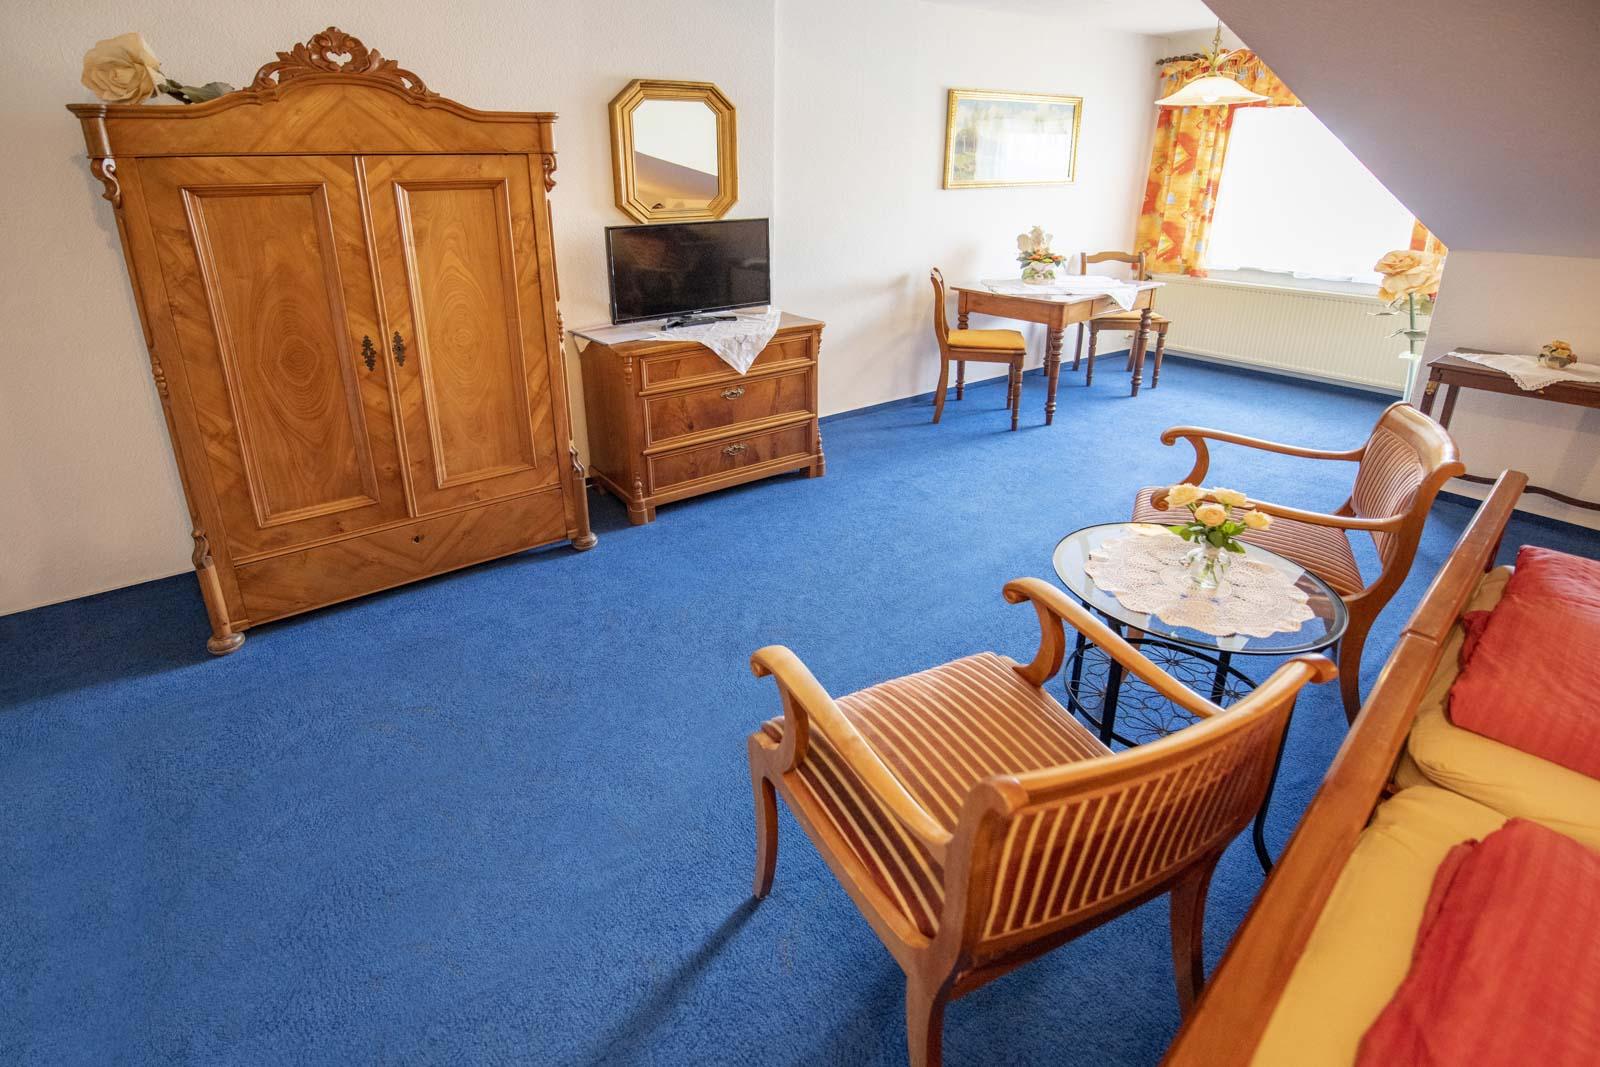 doppelzimmer stadtallendorf kirchhain